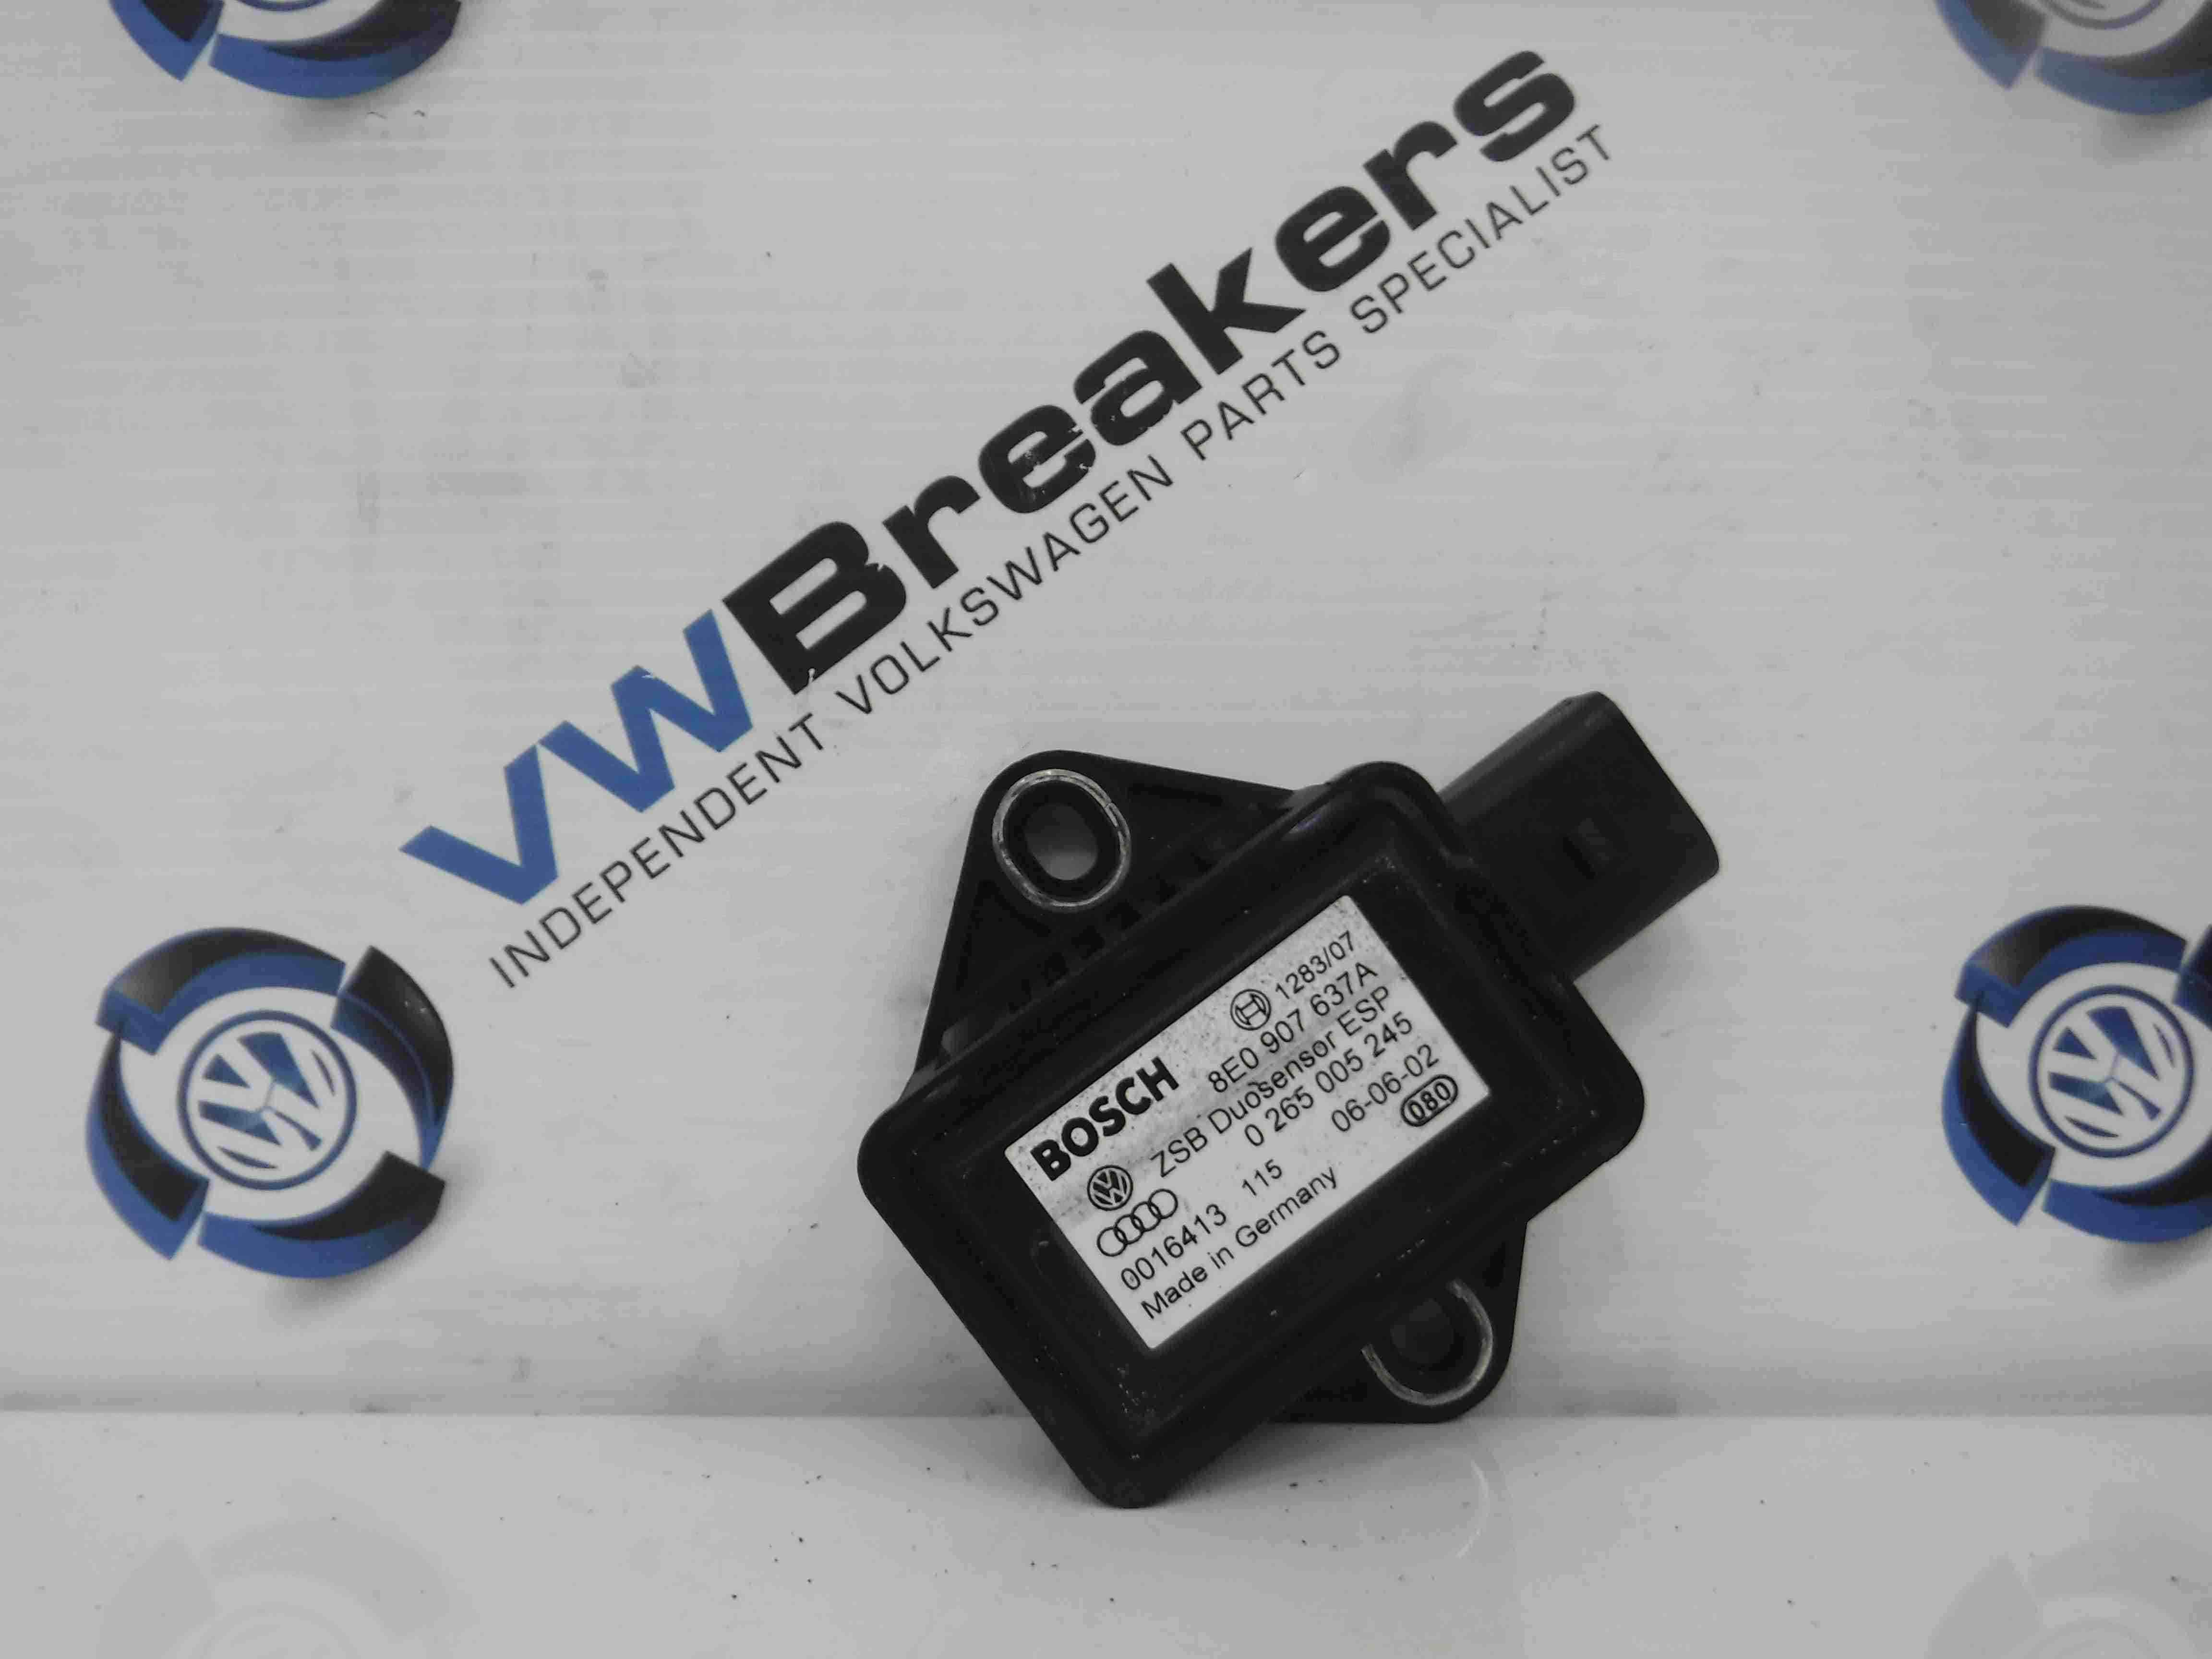 Volkswagen Passat 2001-2005 Accelerator YAW ESP Sensor Module 8E0907637A